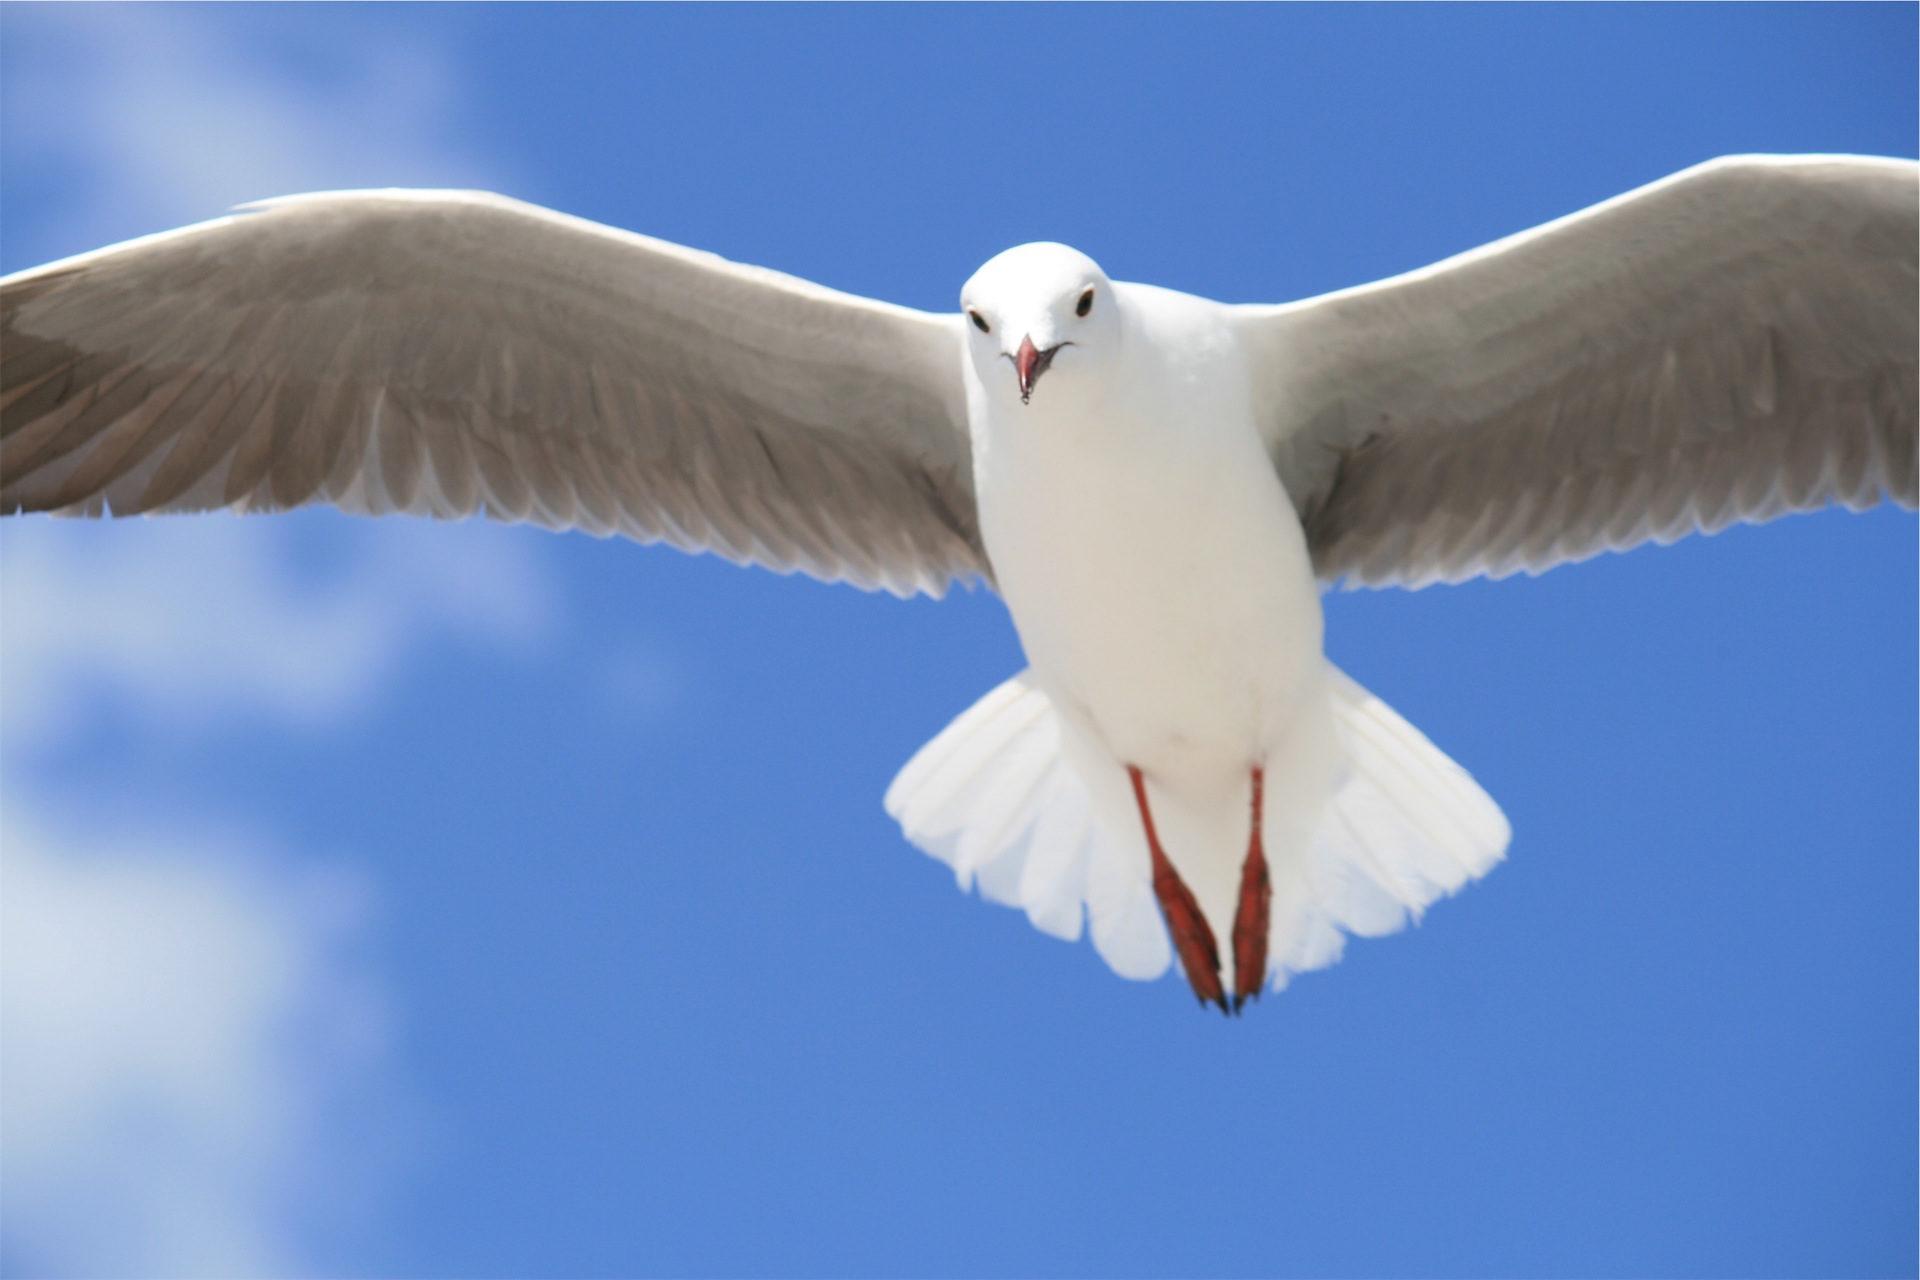 海鸥, 翅膀, 飞行, 大道, 天空 - 高清壁纸 - 教授-falken.com